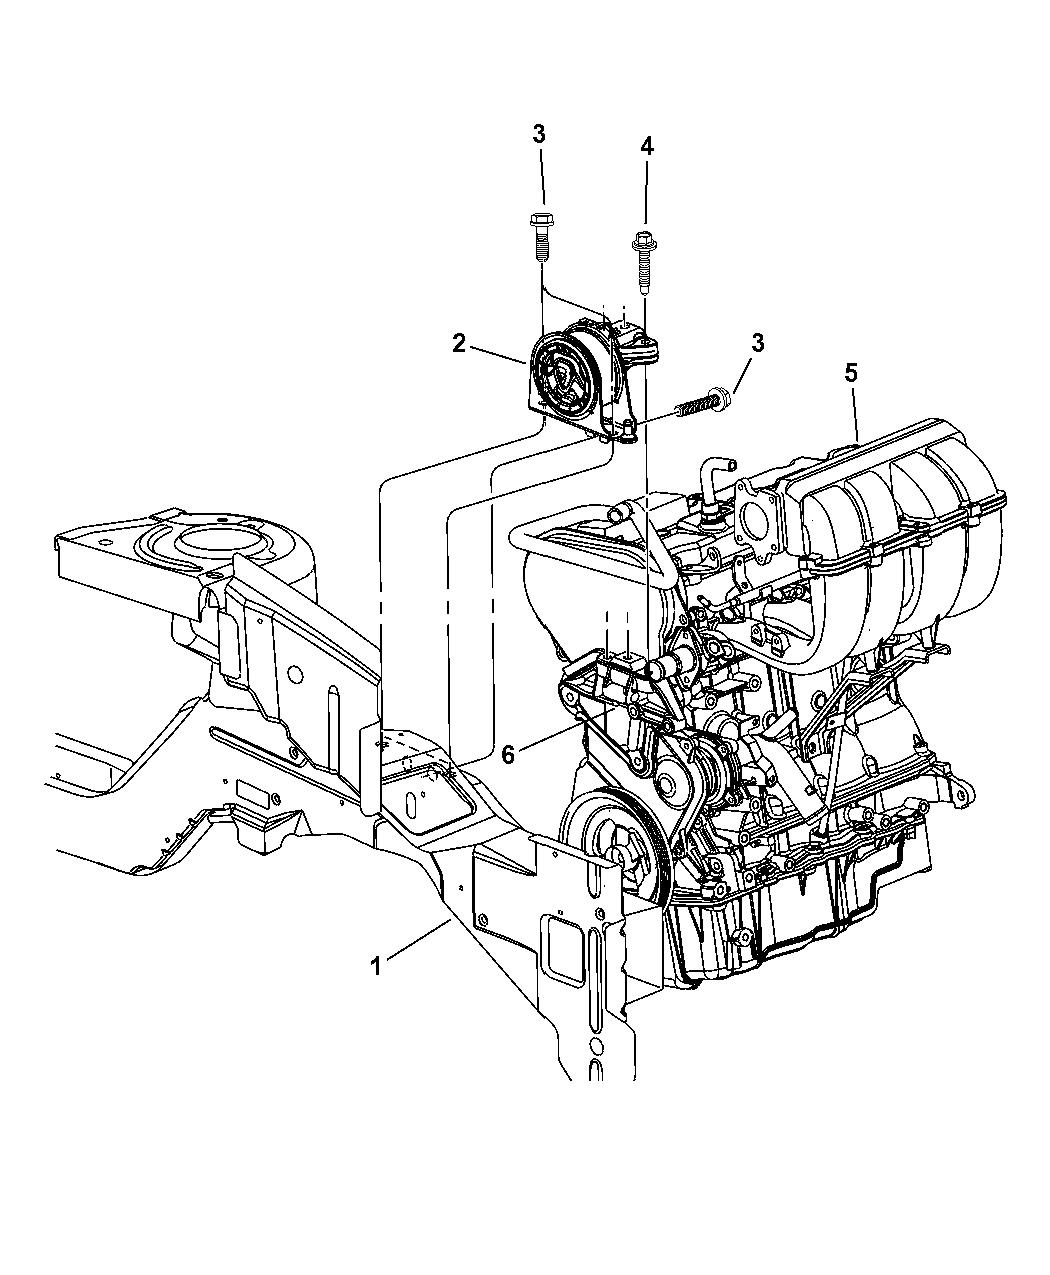 2004 dodge grand caravan mount, timing belt side engine 2004 dodge caravan car 2004 dodge caravan engine schematics #23